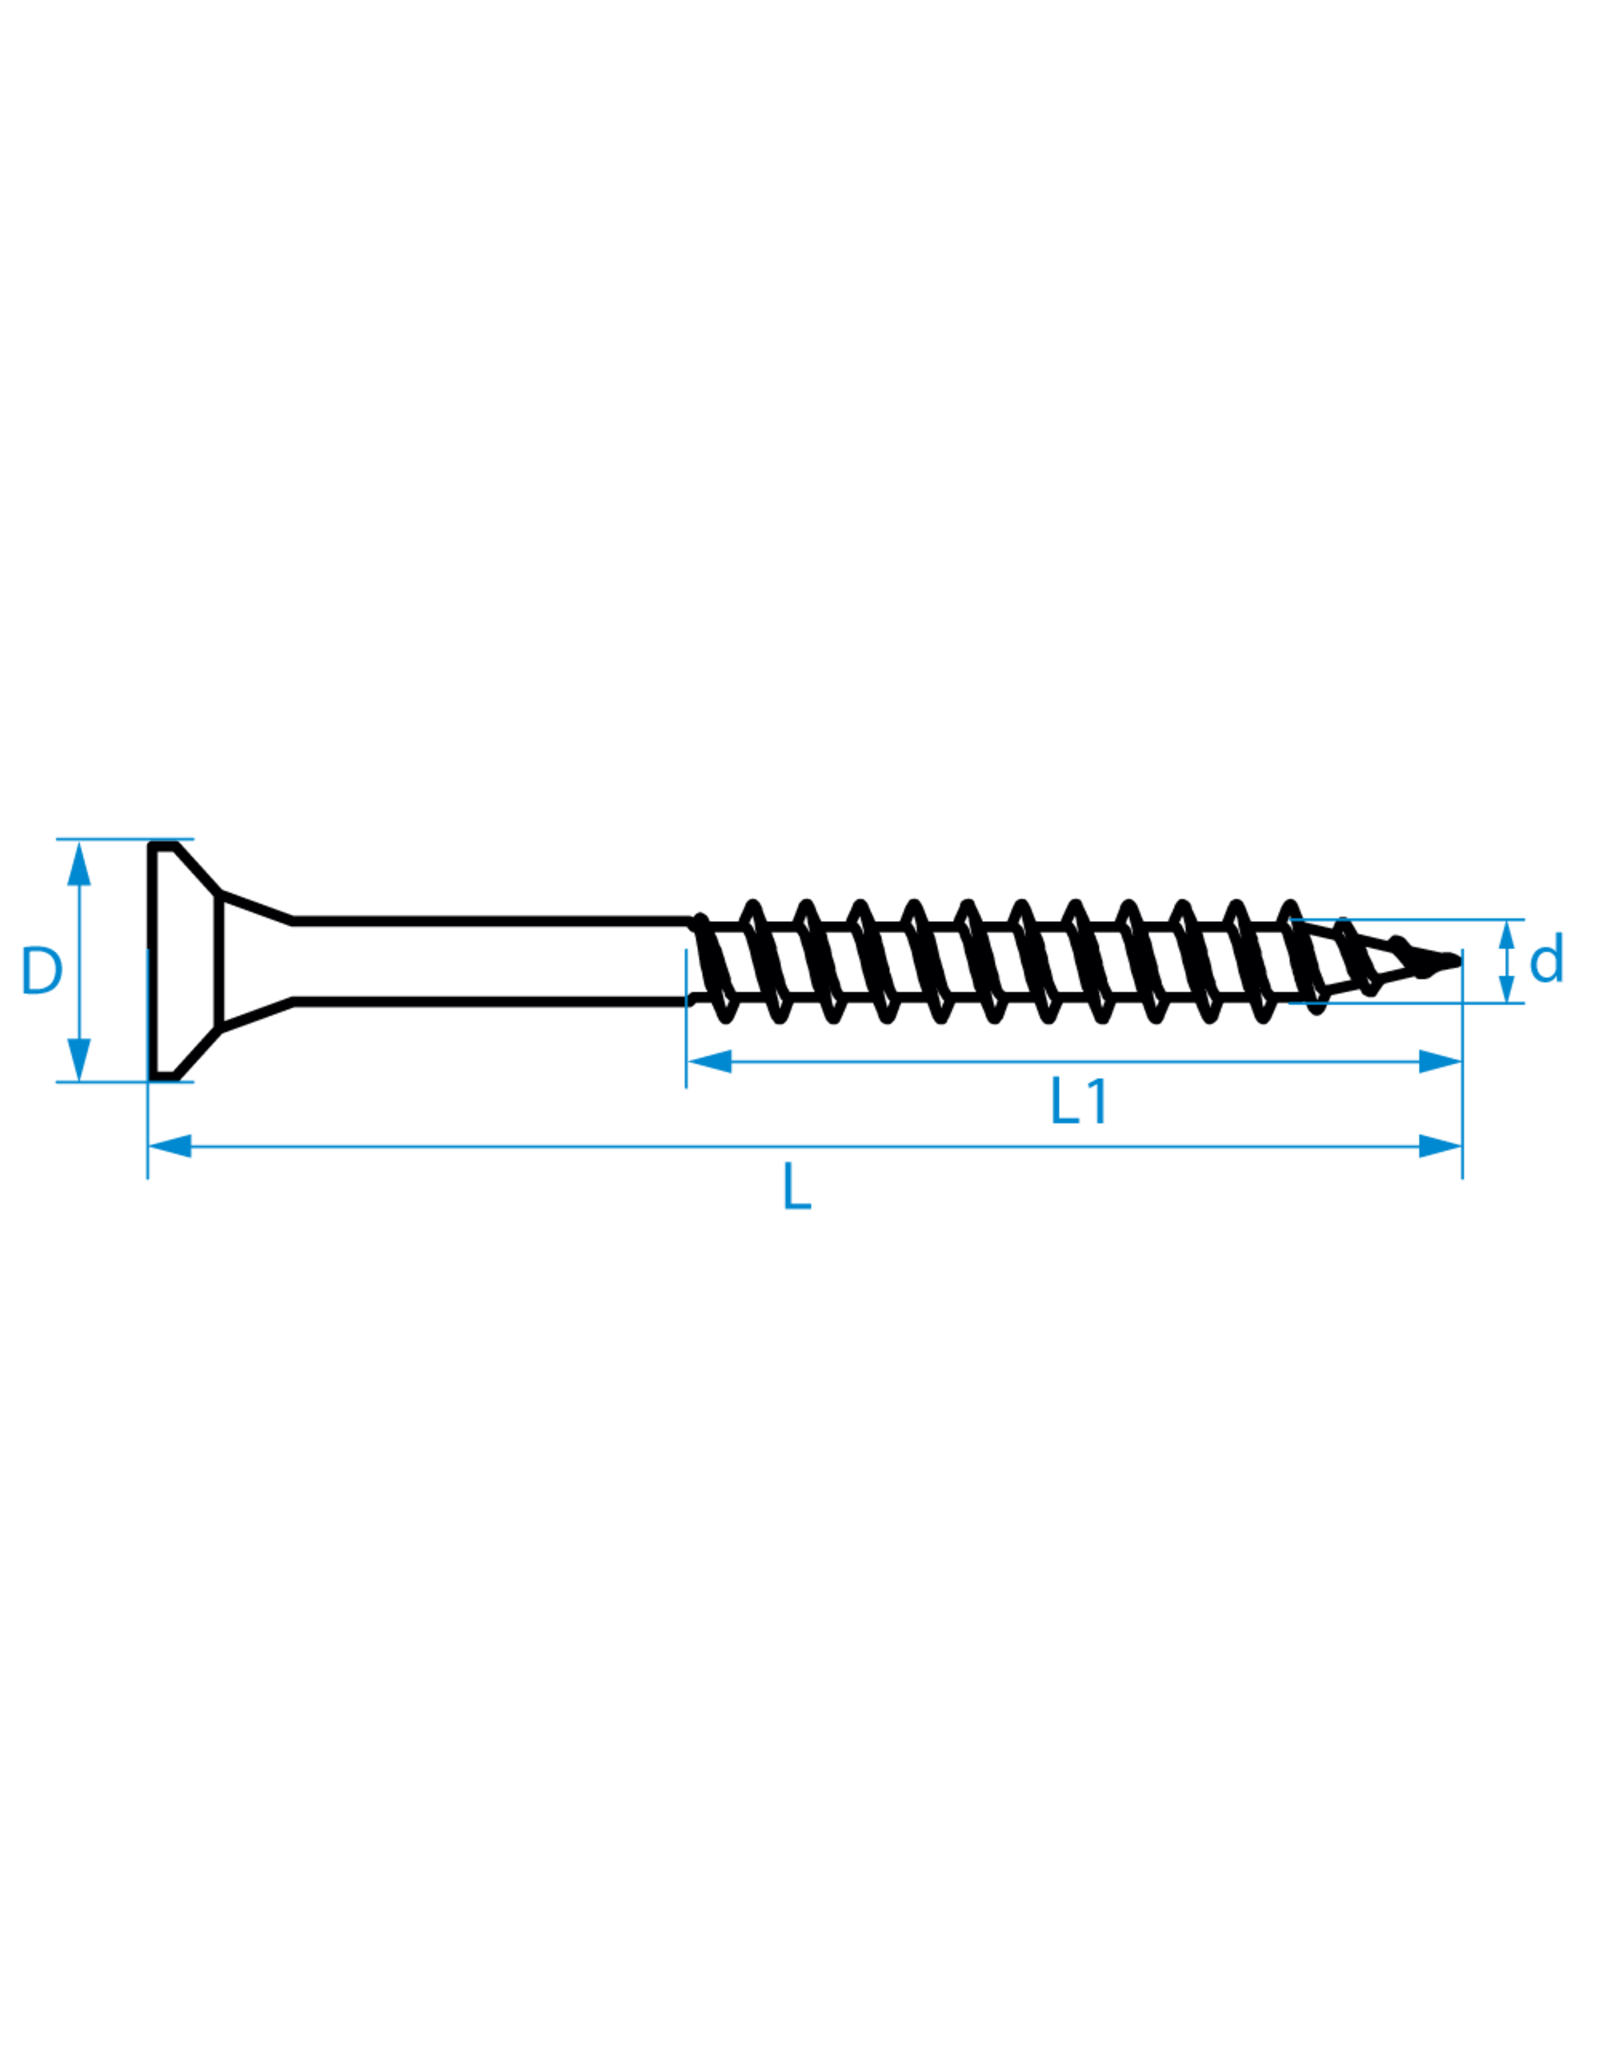 Spaanplaatschroeven platkop 4.5x40 TX-20 staal gehard verzinkt per 200 stuks